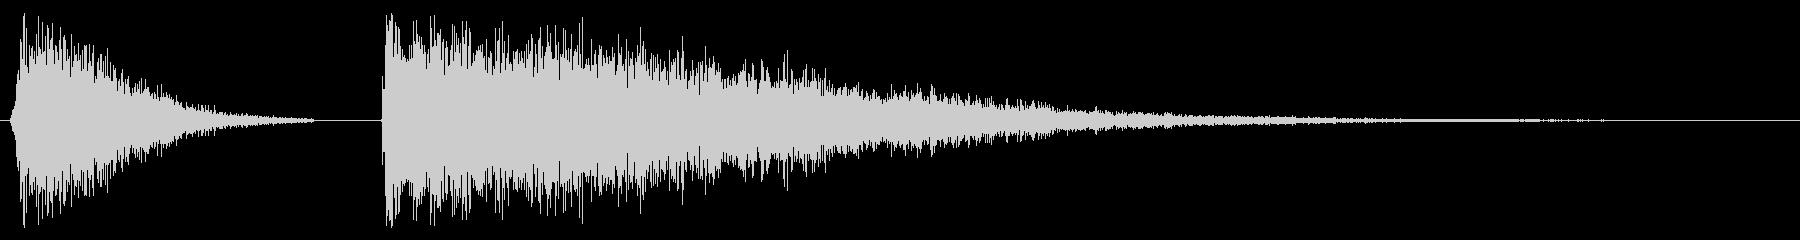 ハイハットシンバル音の未再生の波形